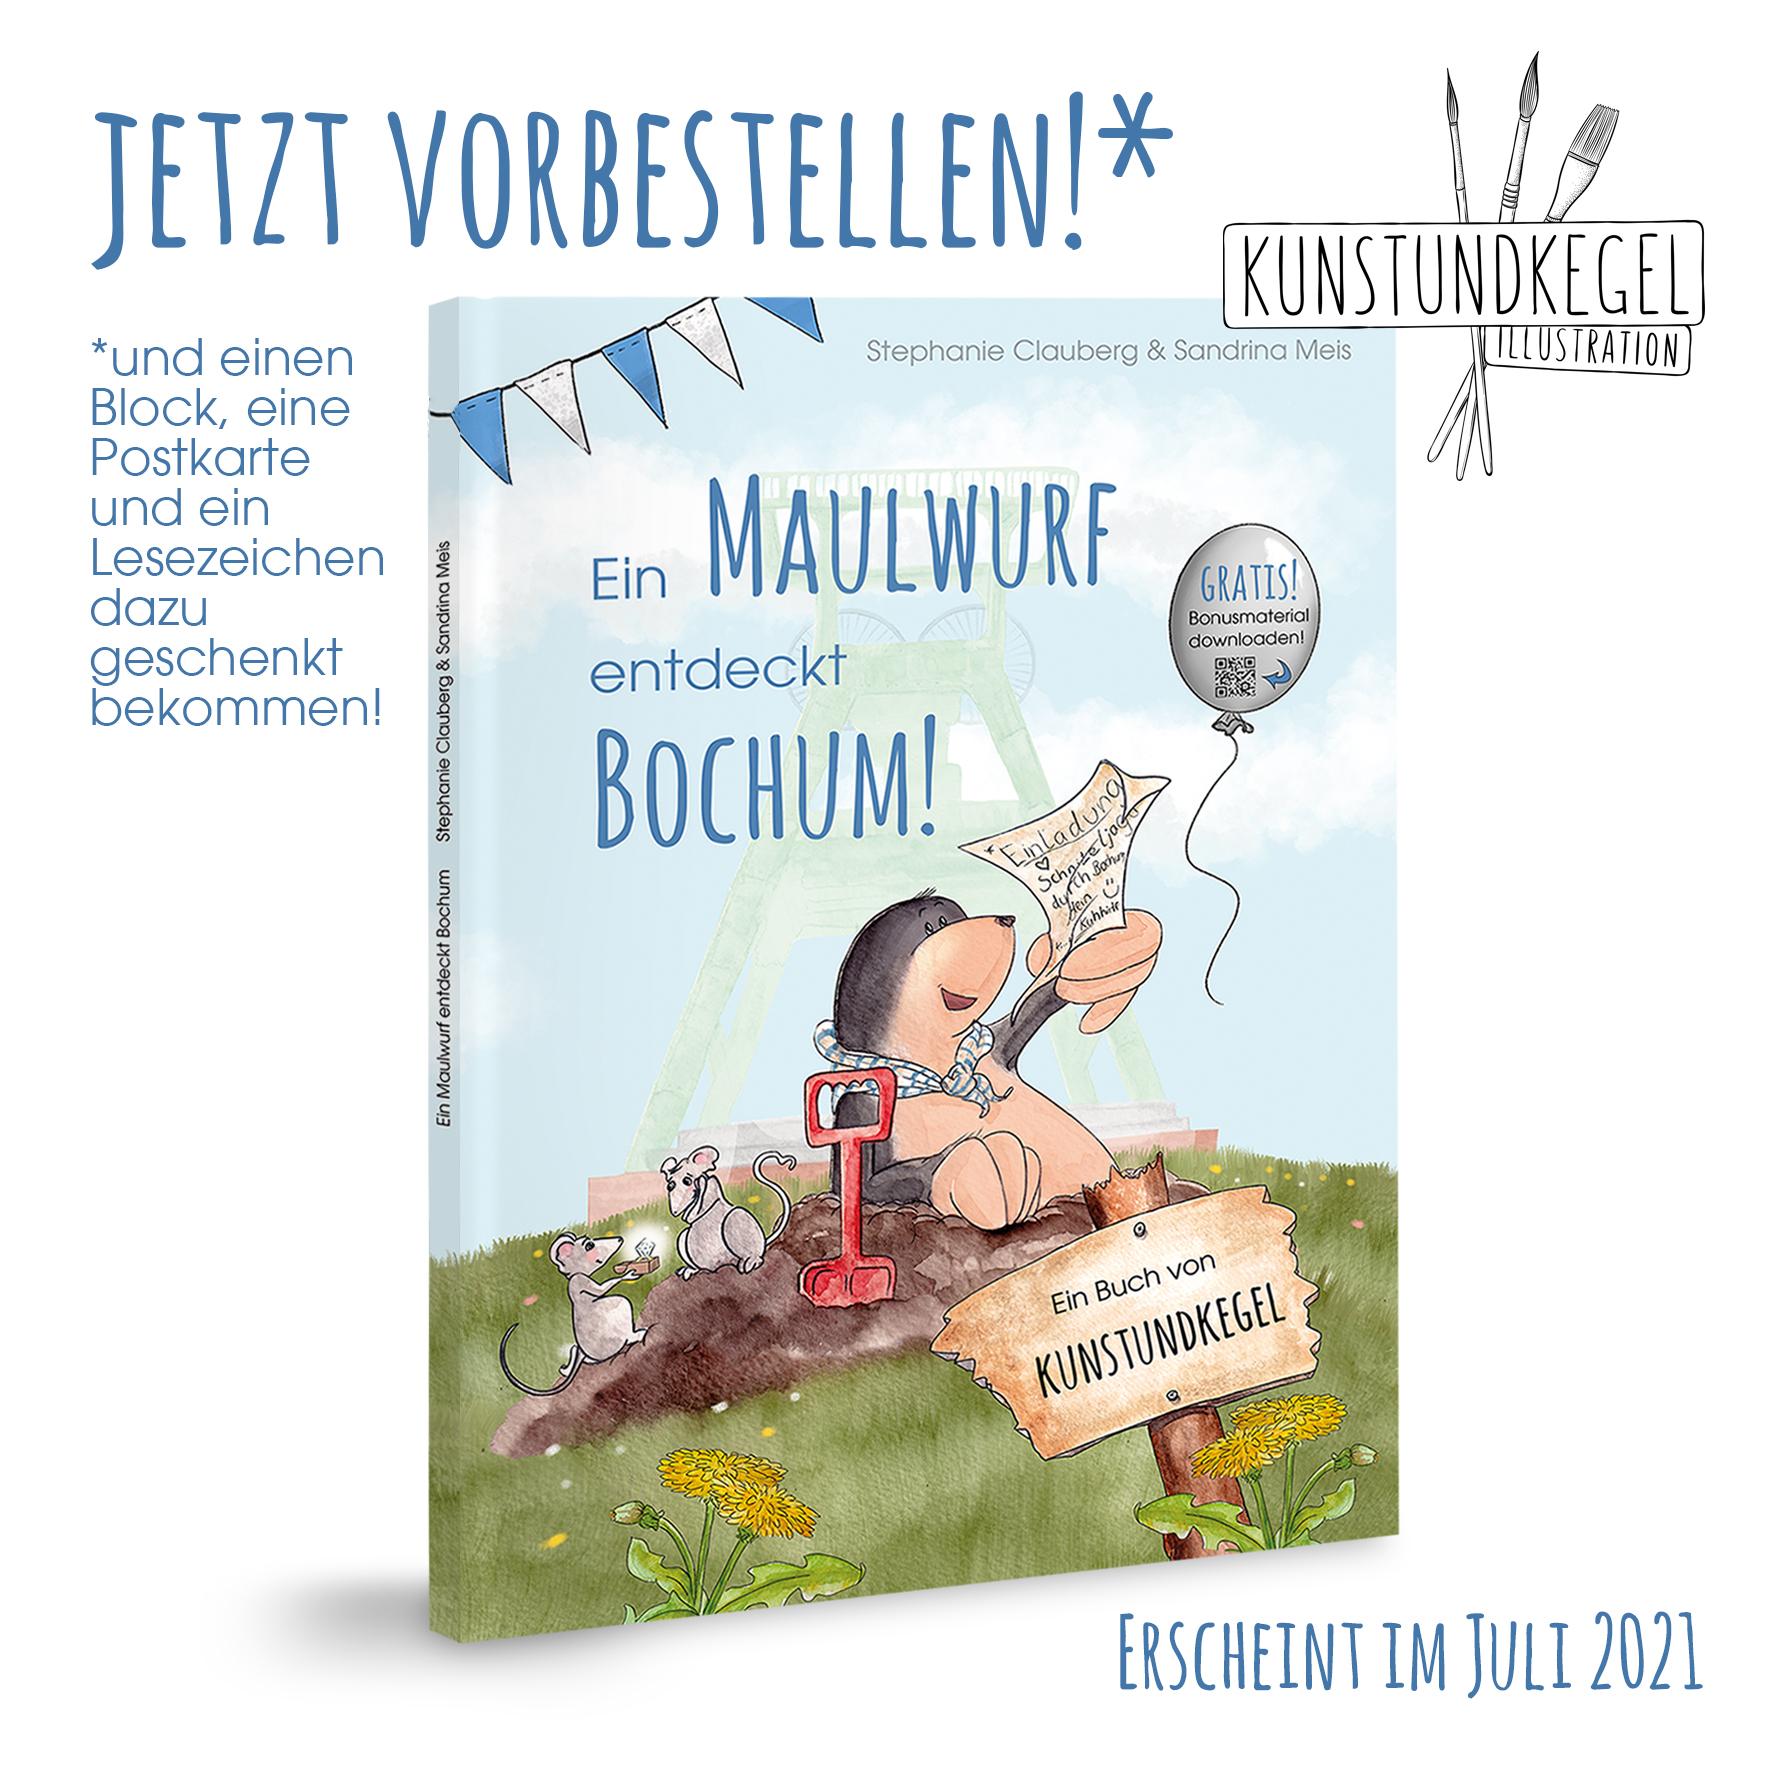 BochumBuch, Kinderbuch über Bochum